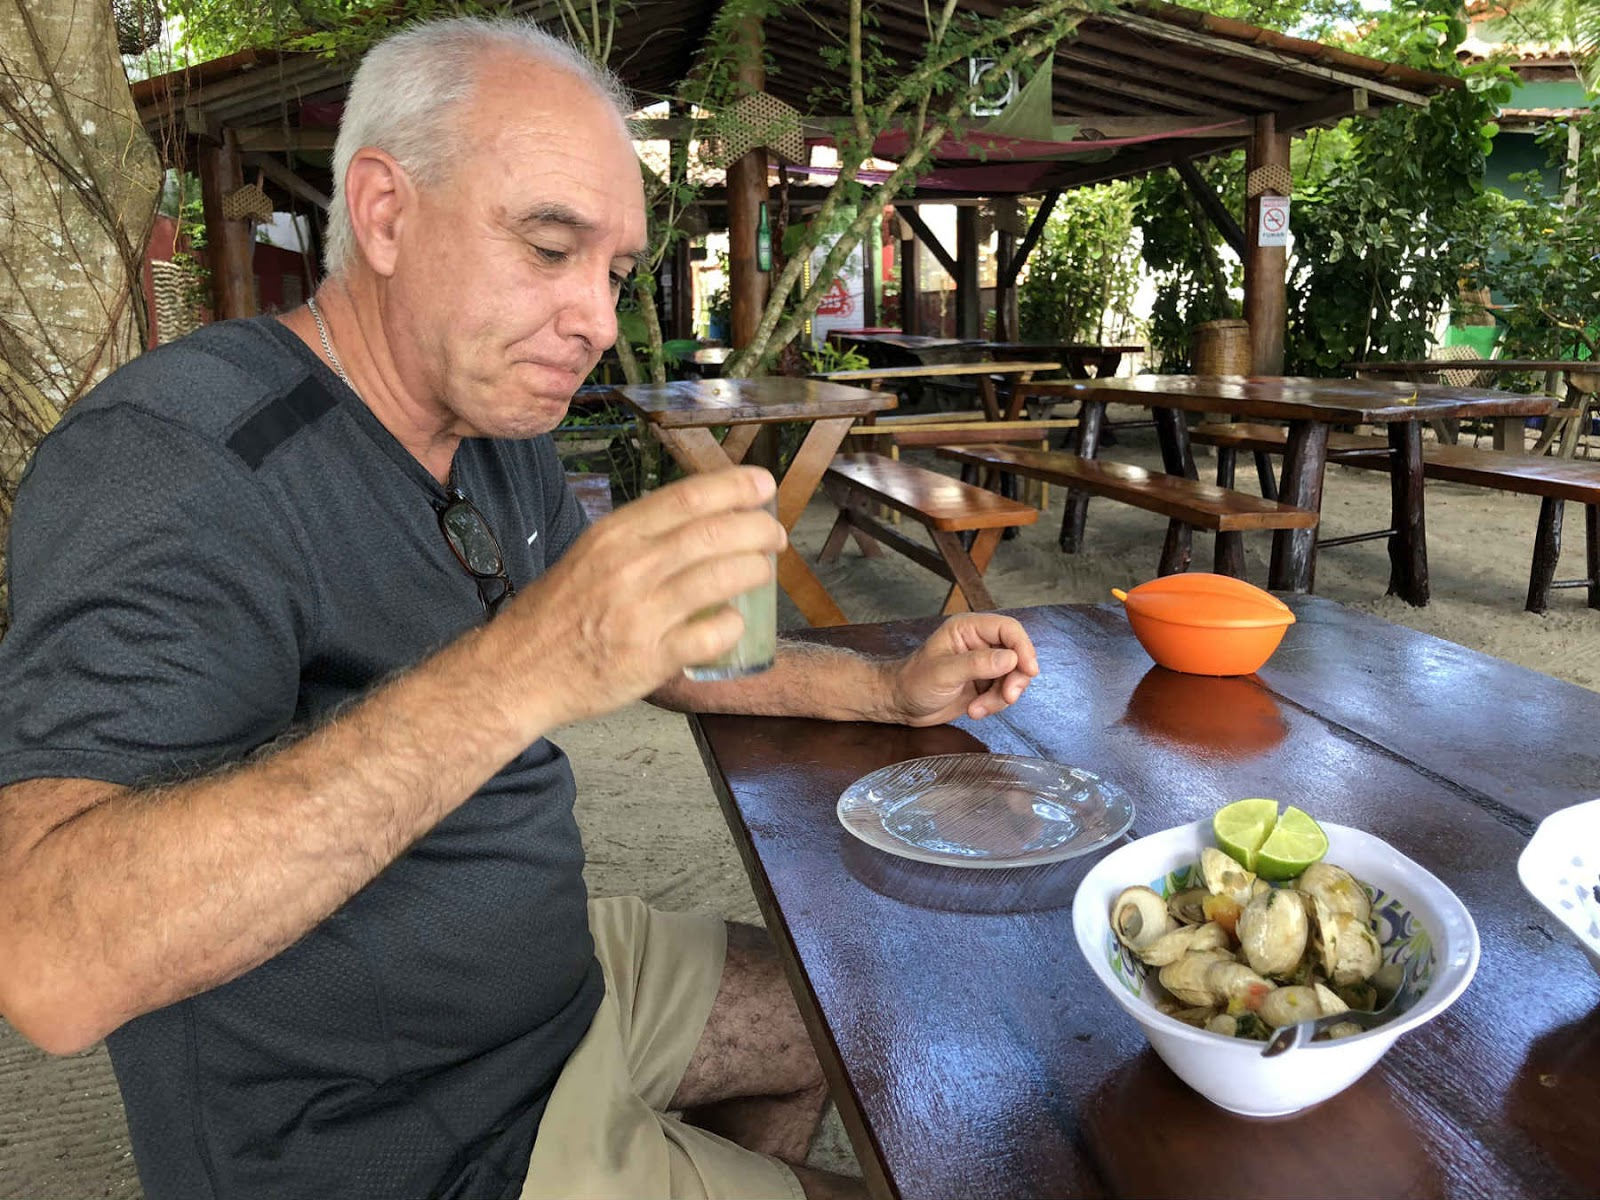 Restaurante Cantinho do Sol - Ilha do Sapinho